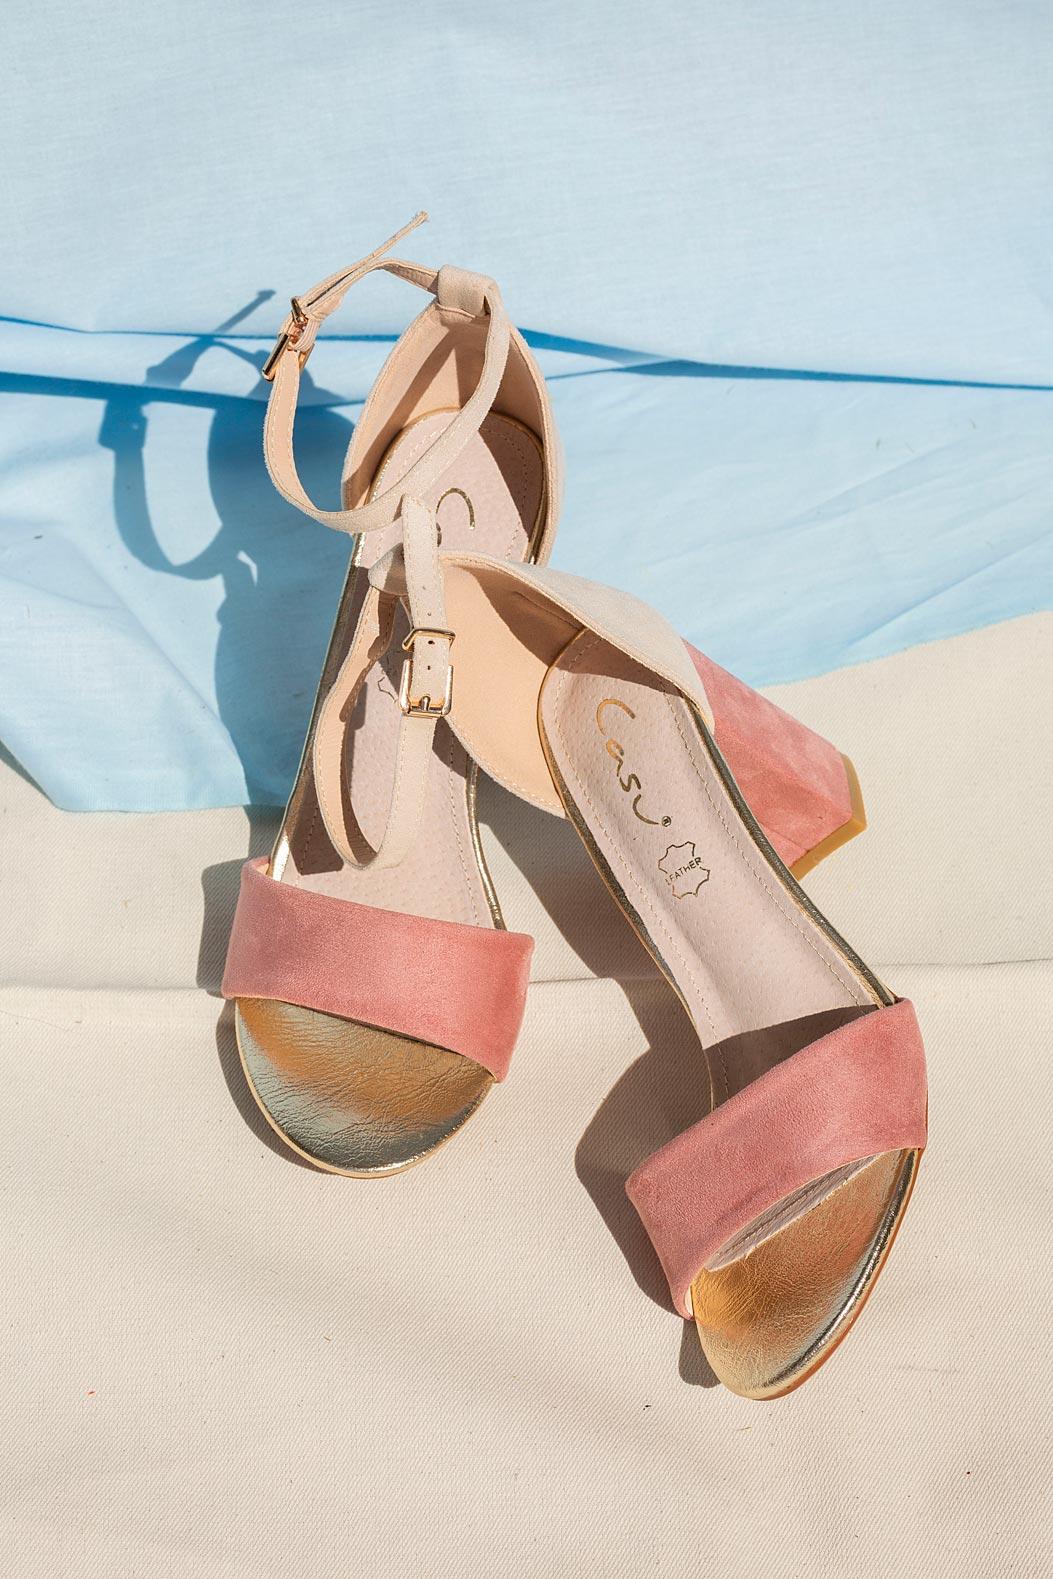 Różowe sandały na słupku z zakrytą piętą paskiem wokół kostki ze skórzaną wkładką Casu ER20X2/P sezon Lato